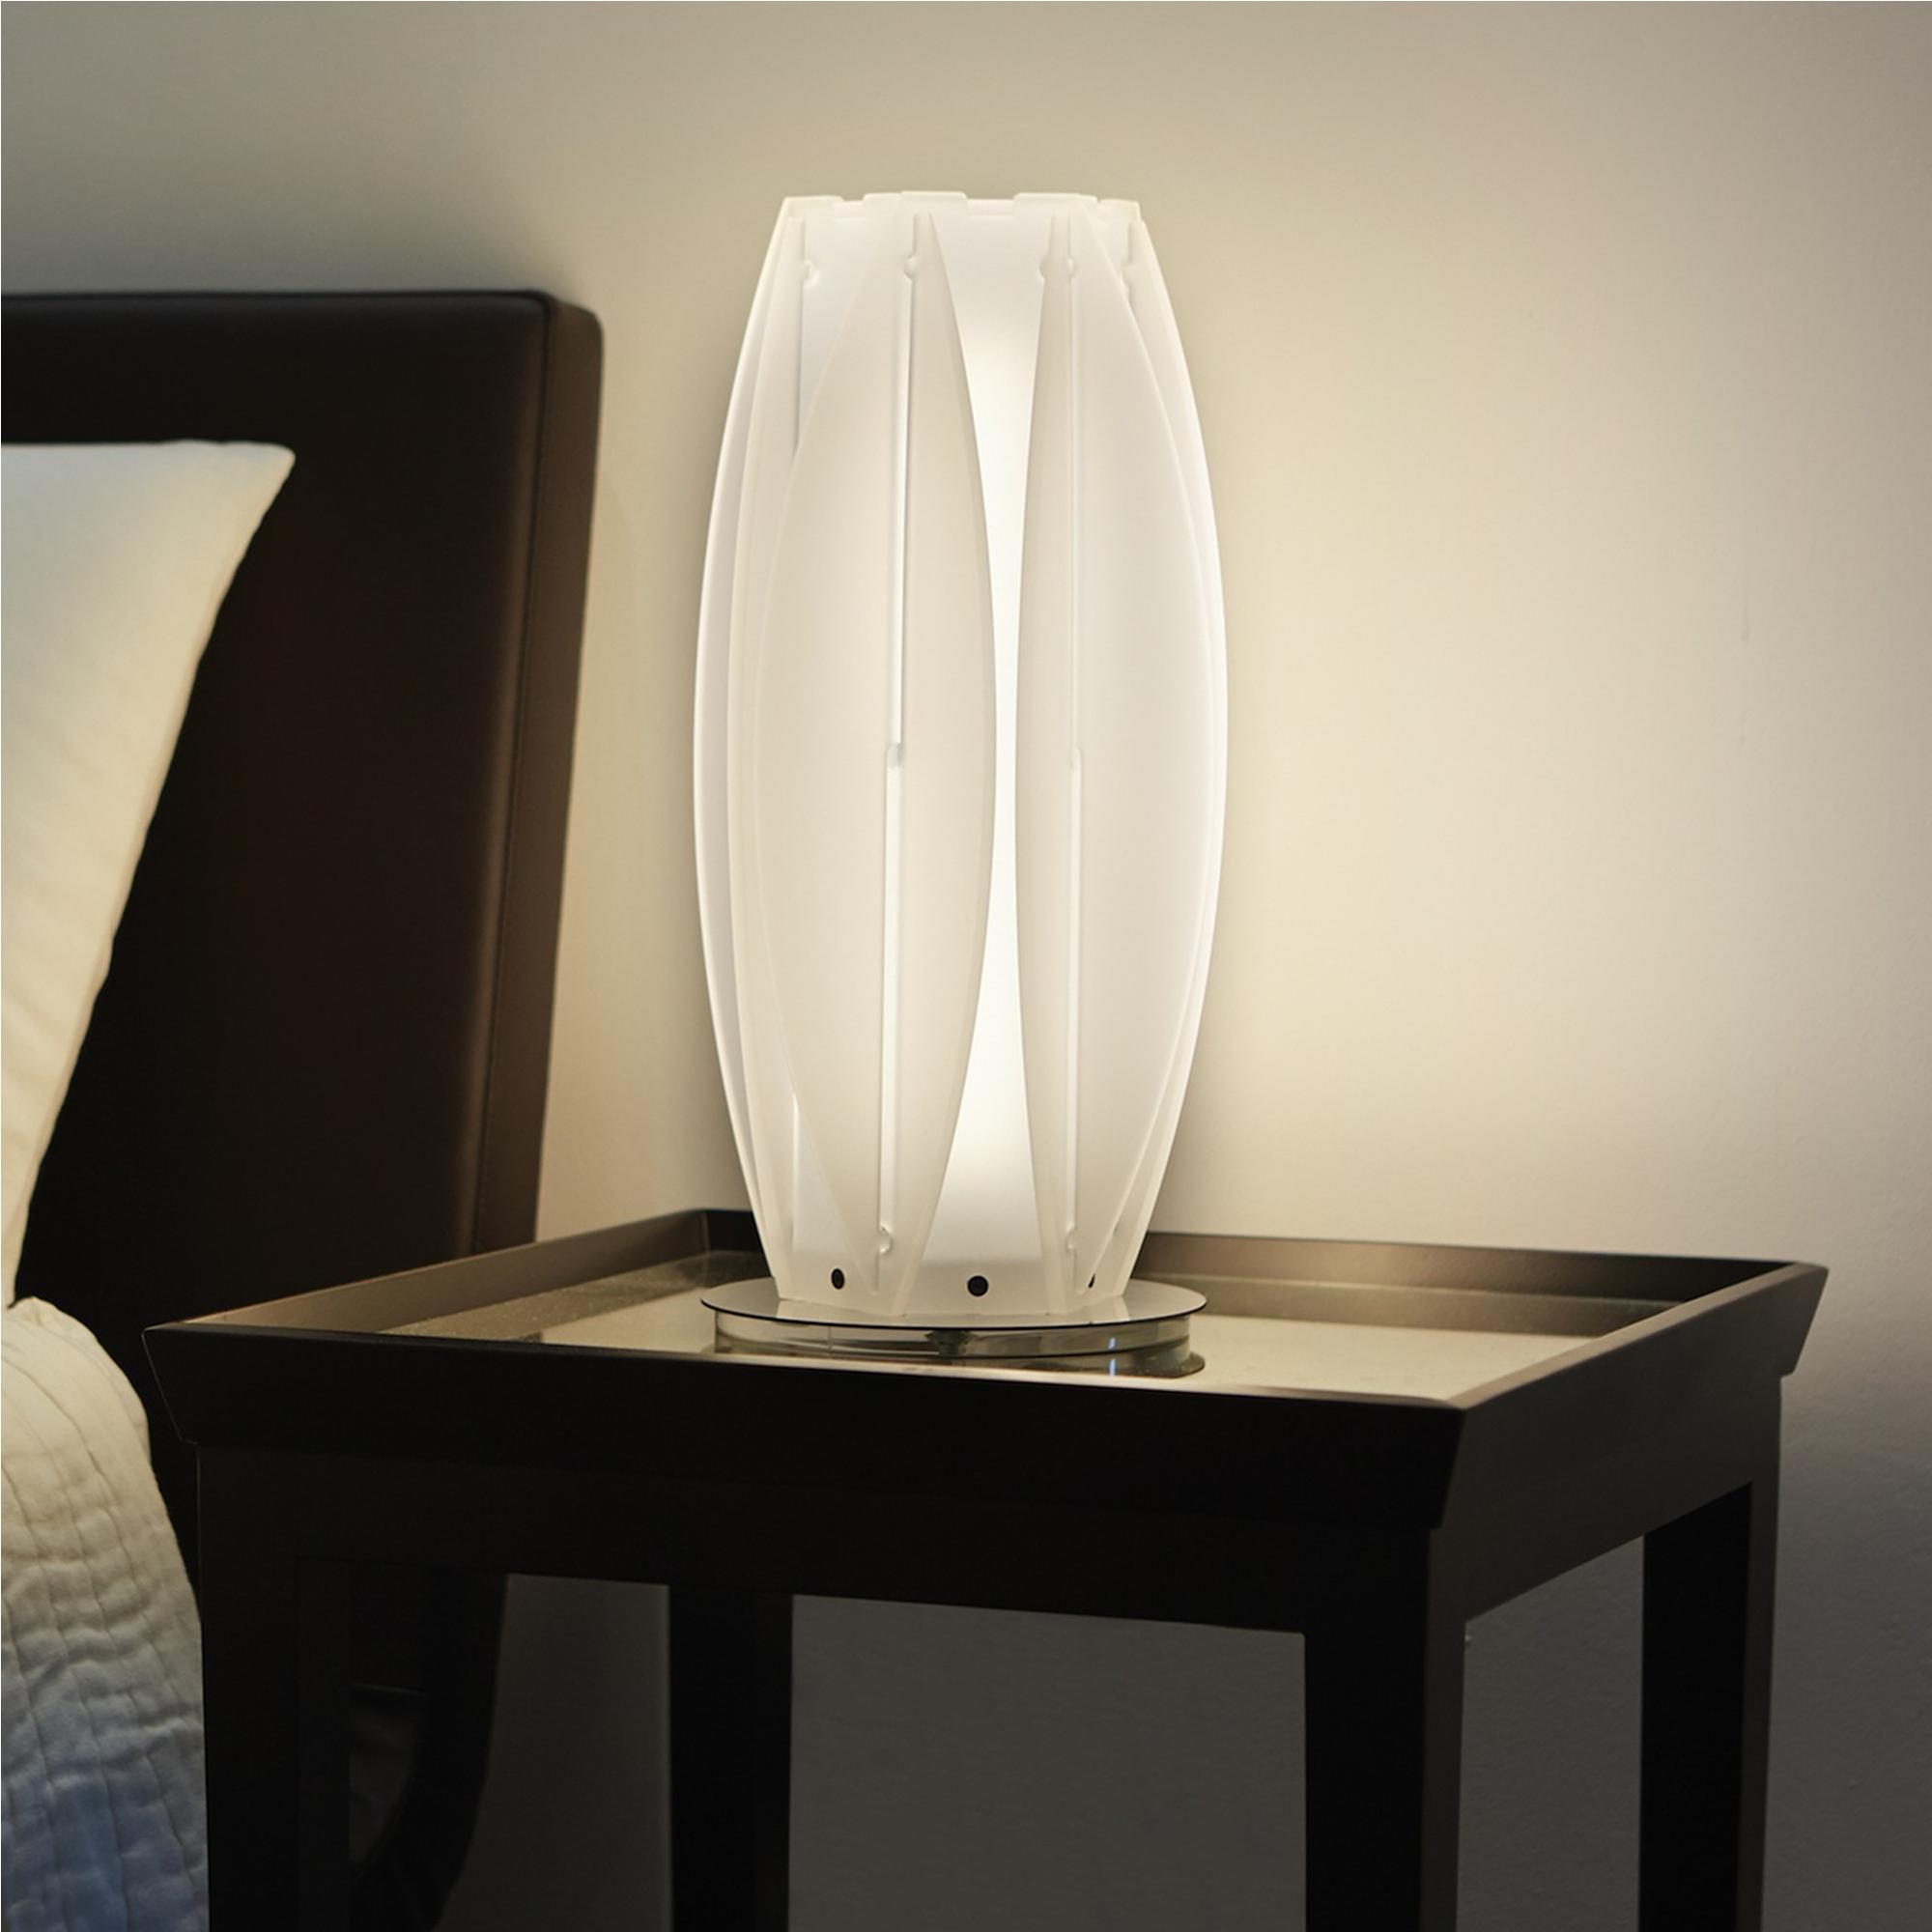 Lampada da tavolo 18xh40 cm kira mini con lampada in pmma cristopal base inox emporium - Base lampada da tavolo ...